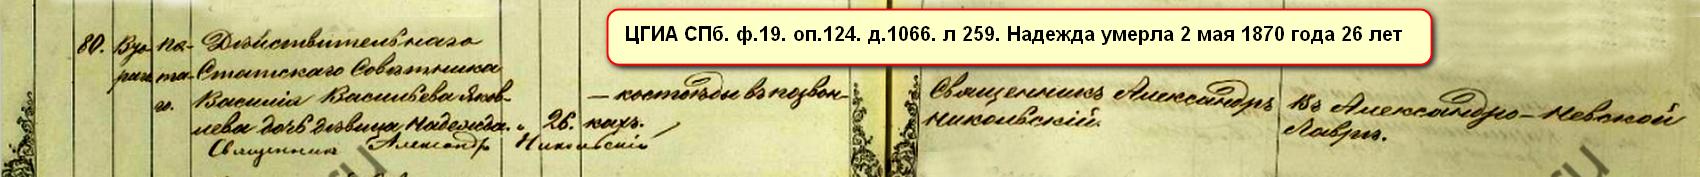 Метьрика Надежды Яковлевой 1870.png